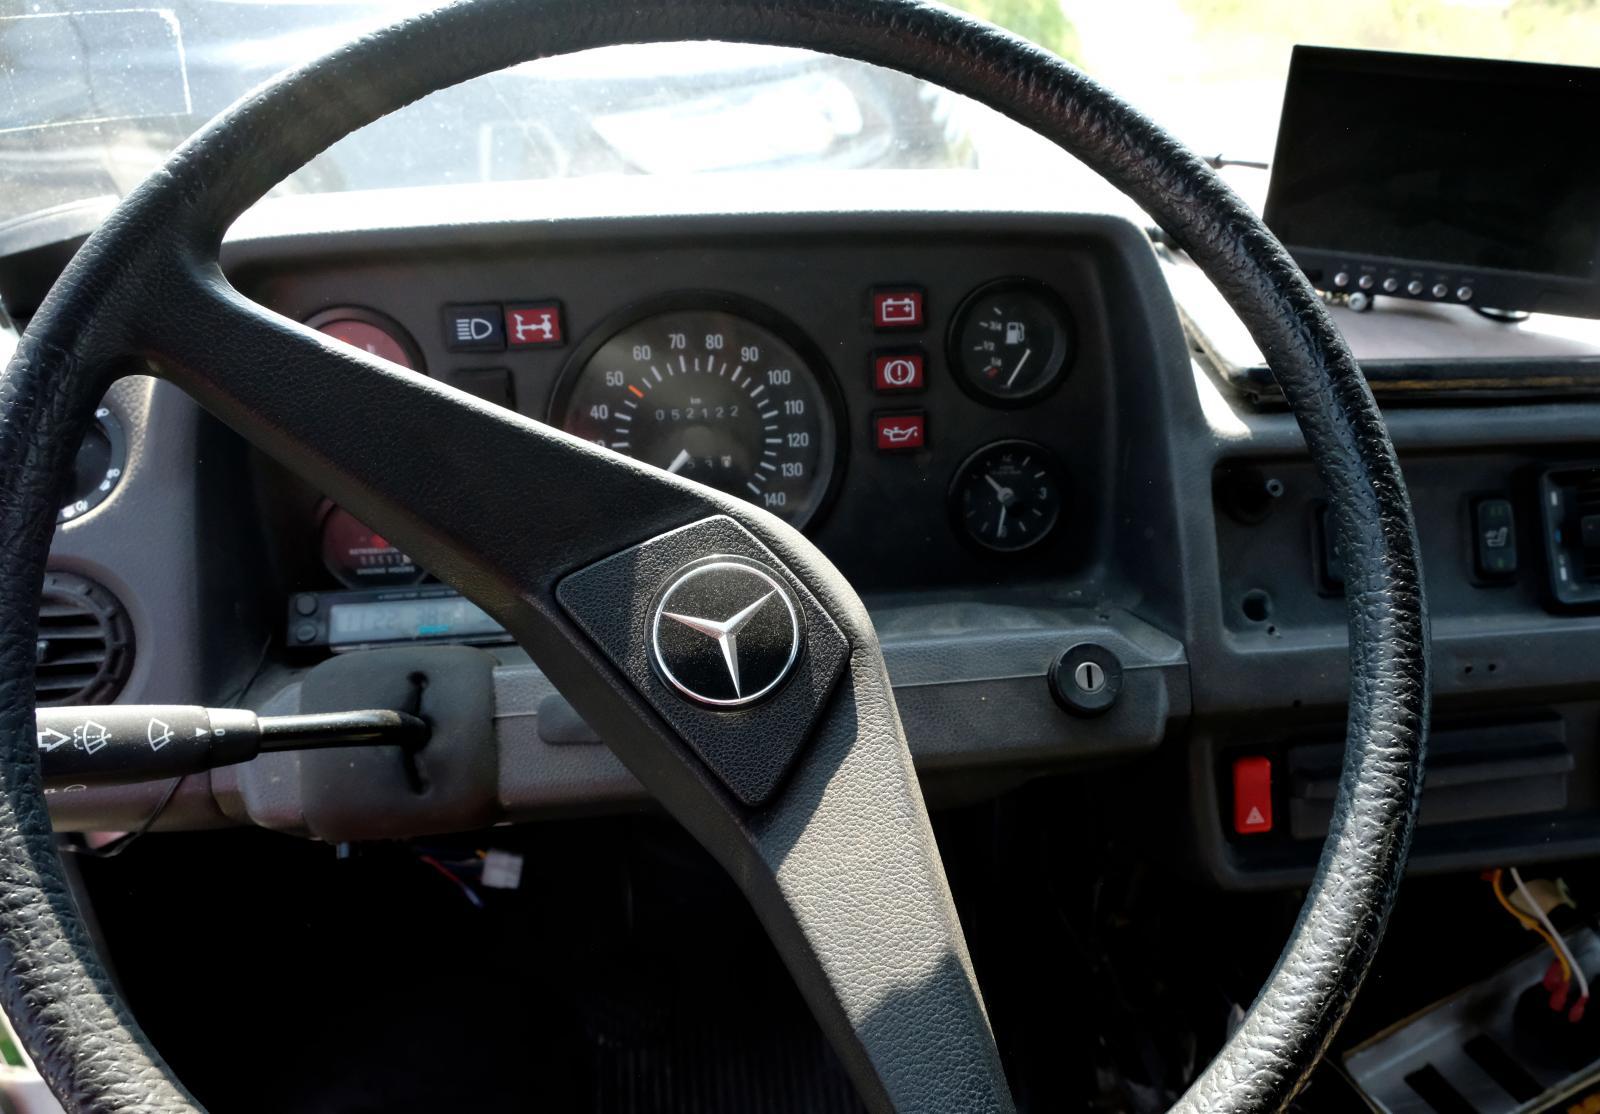 Mercedesloggan tronar ståtligt i mitten av ratten.